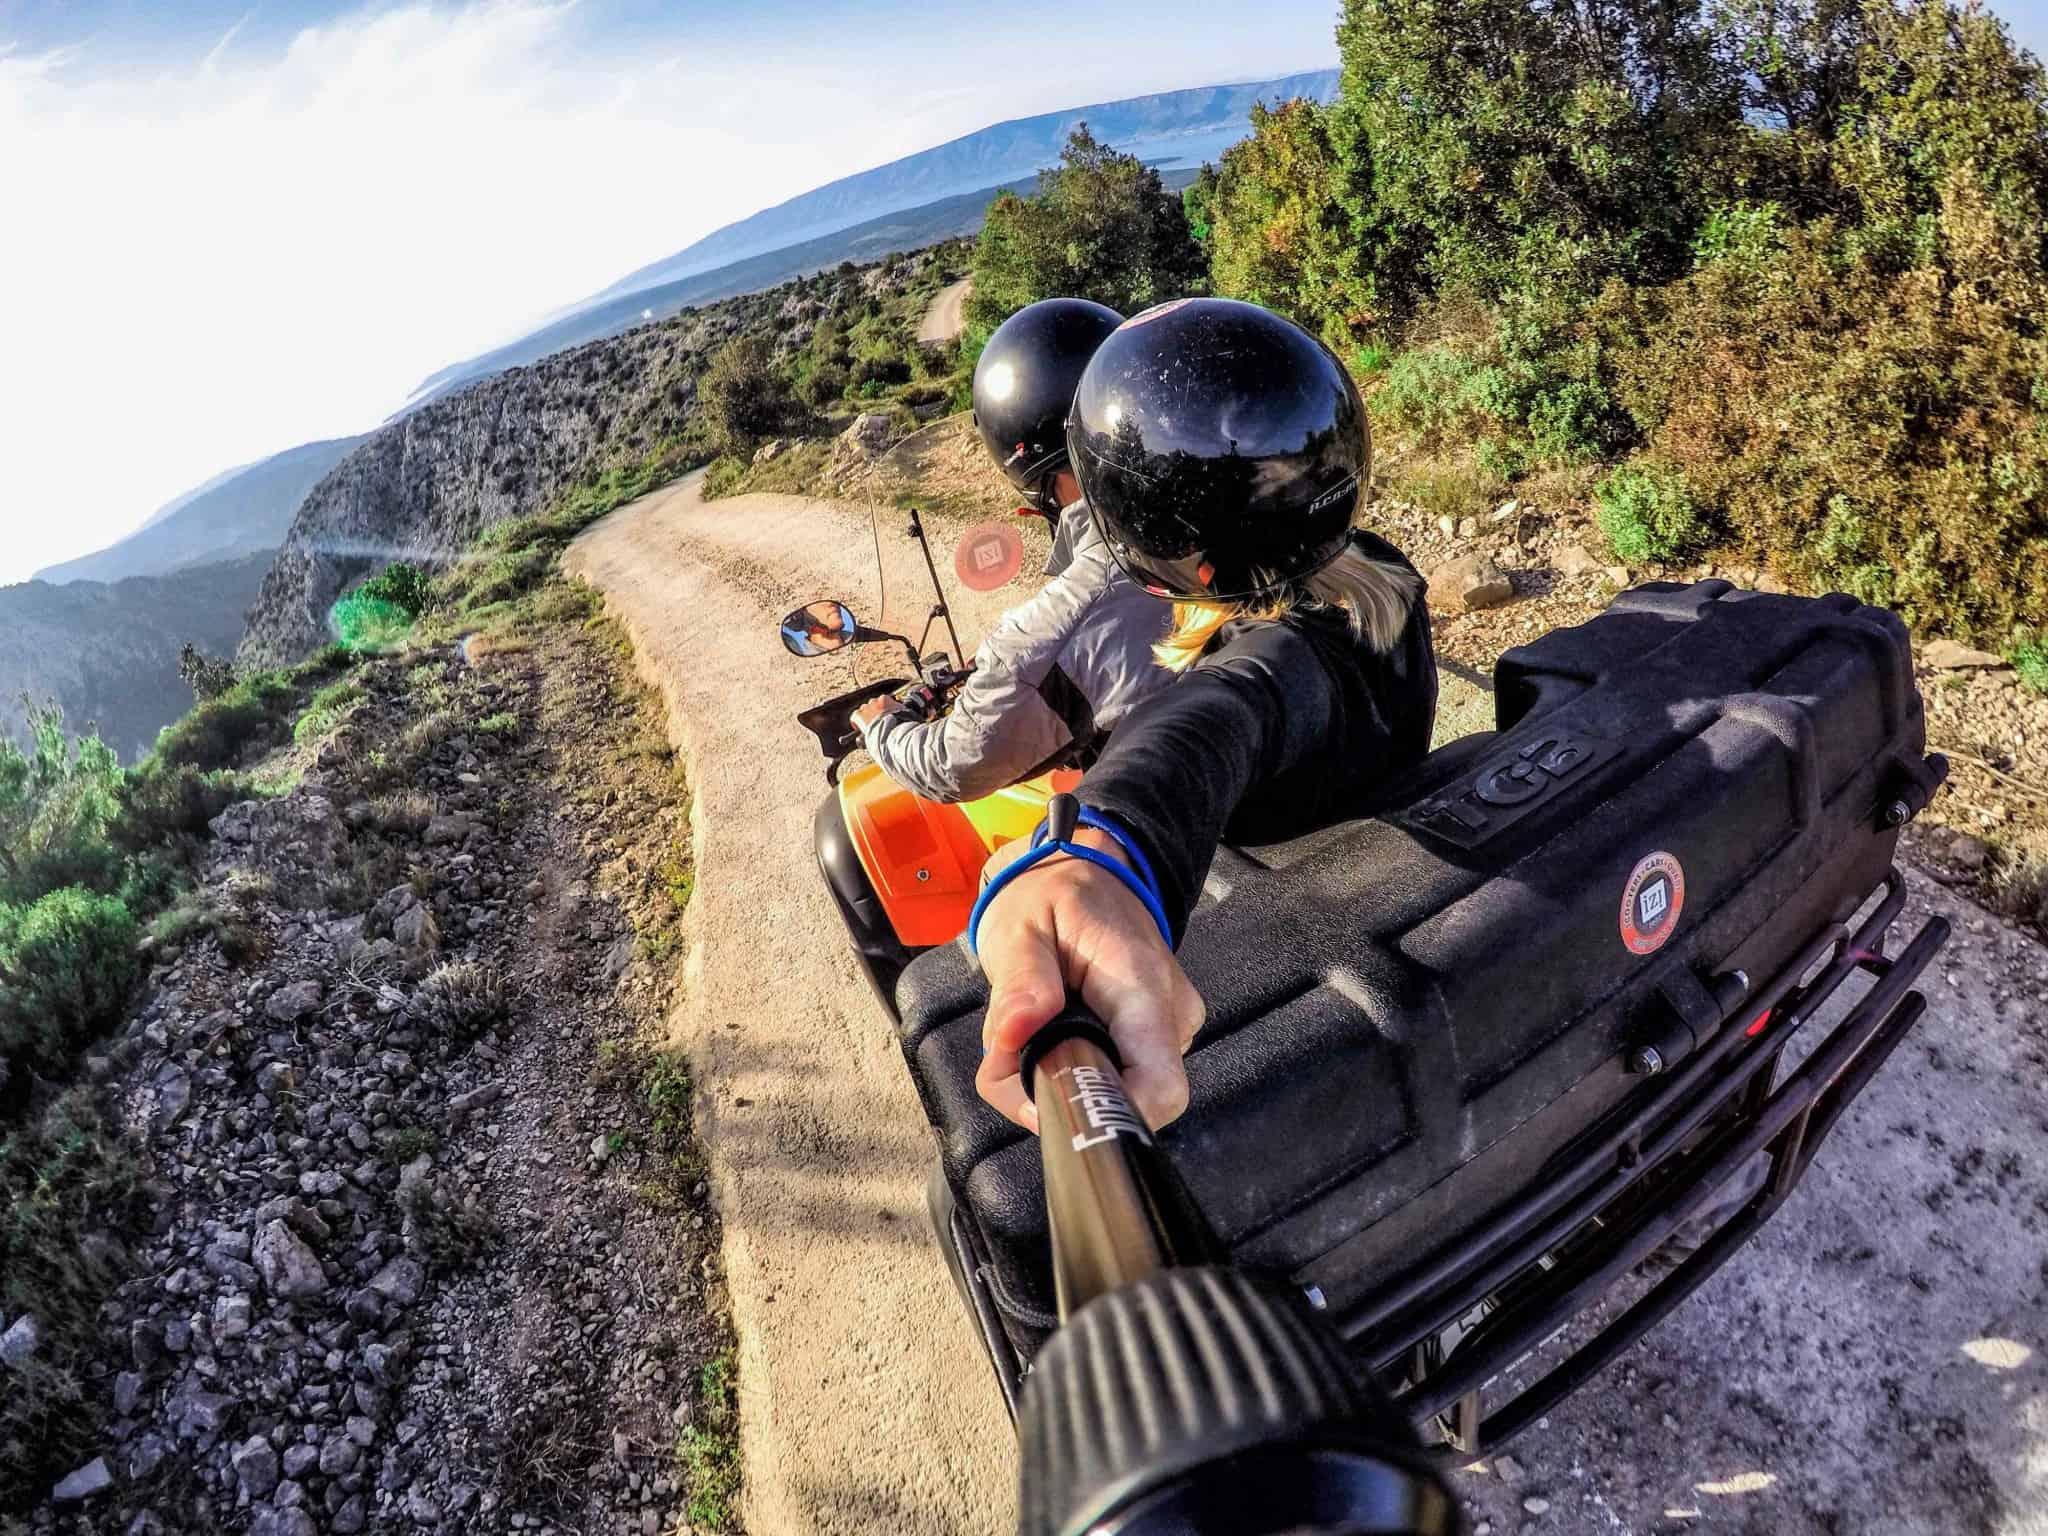 Riding around in Hvar